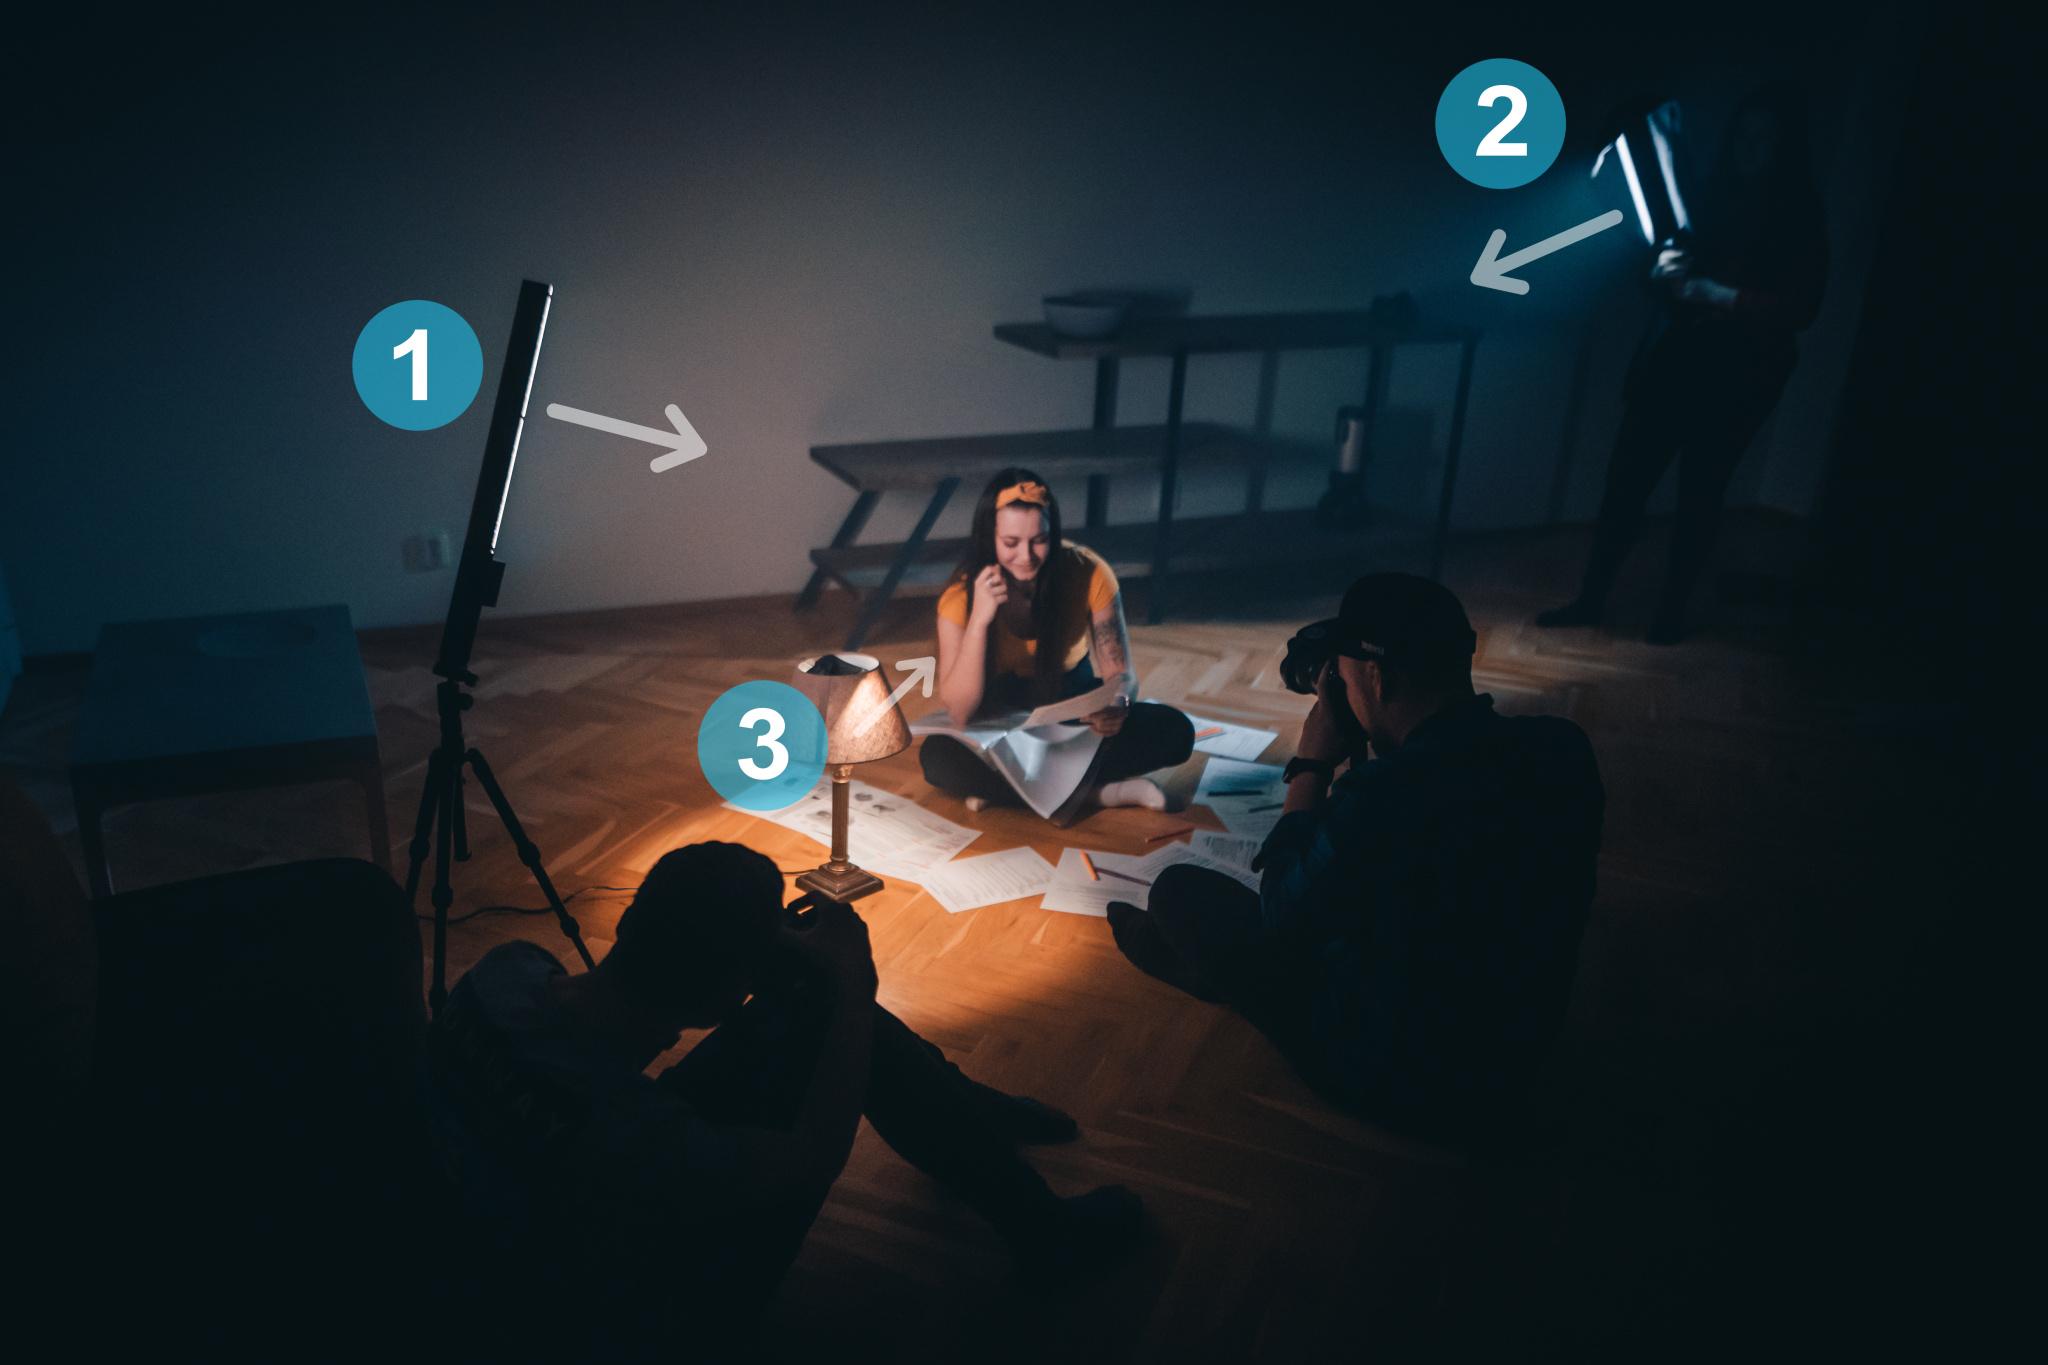 Jak pomocí fotografie docílit filmového efektu